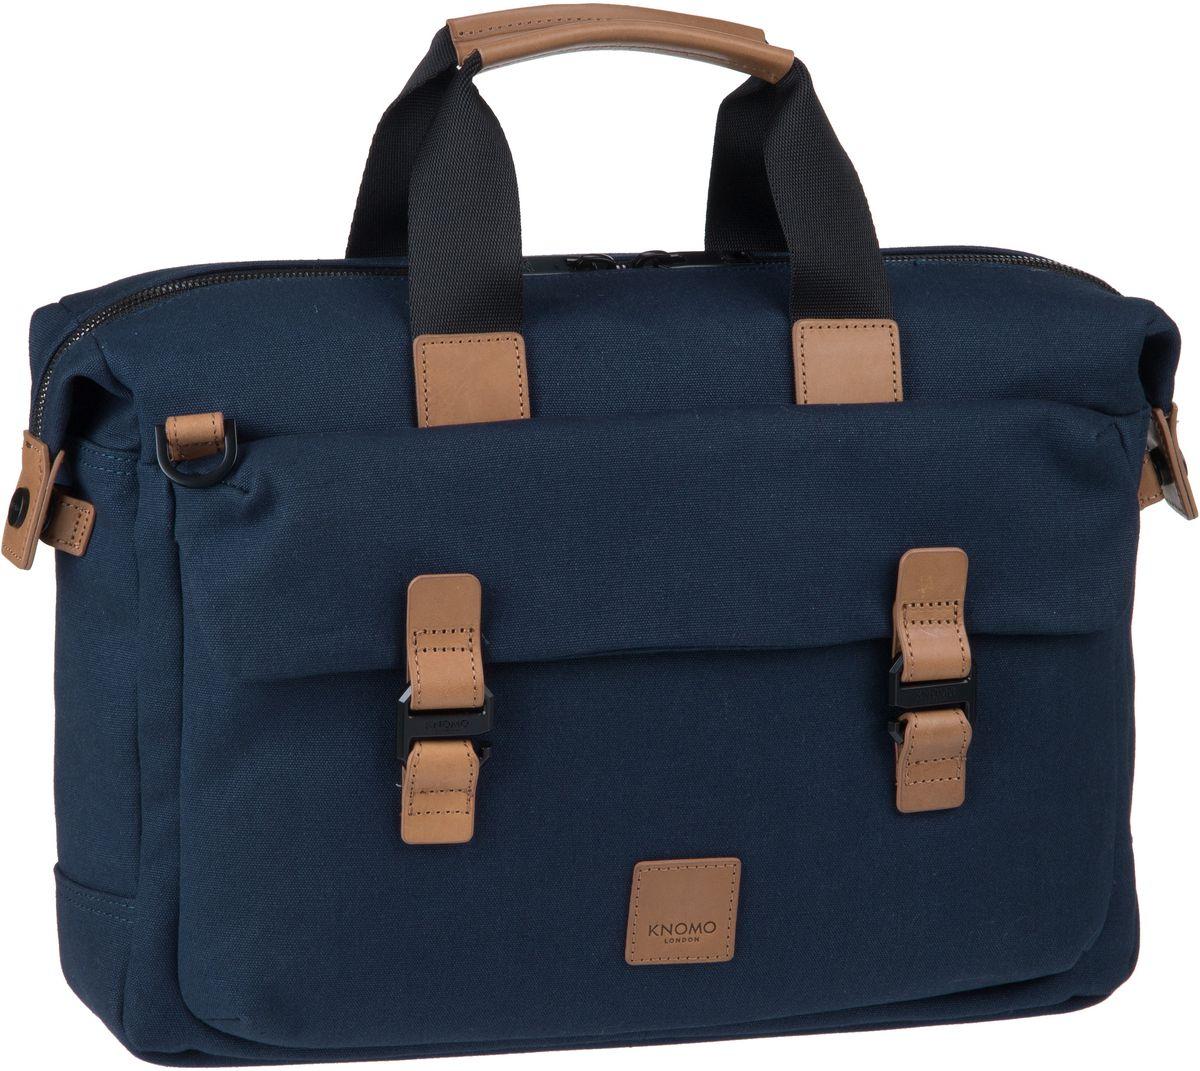 Businesstaschen für Frauen - Knomo Aktentasche Fulham Tournay 15'' Navy (9.7 Liter)  - Onlineshop Taschenkaufhaus